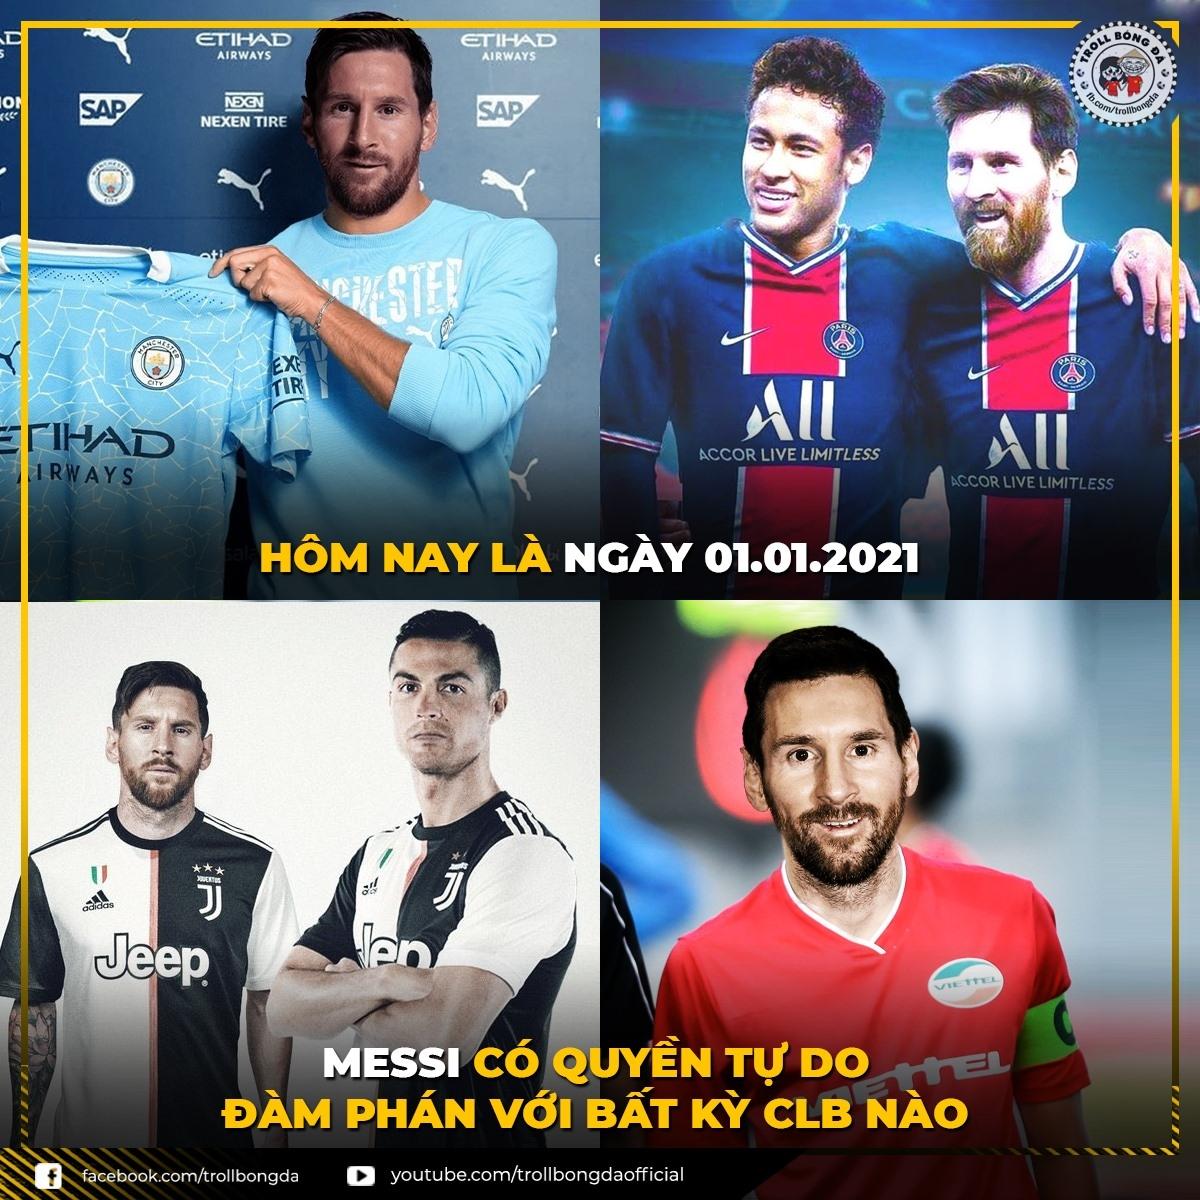 Lionel Messi sẽ đáo hạn hợp đồng với Barca vào cuối mùa giải này. (Ảnh: Troll Bóng Đá)